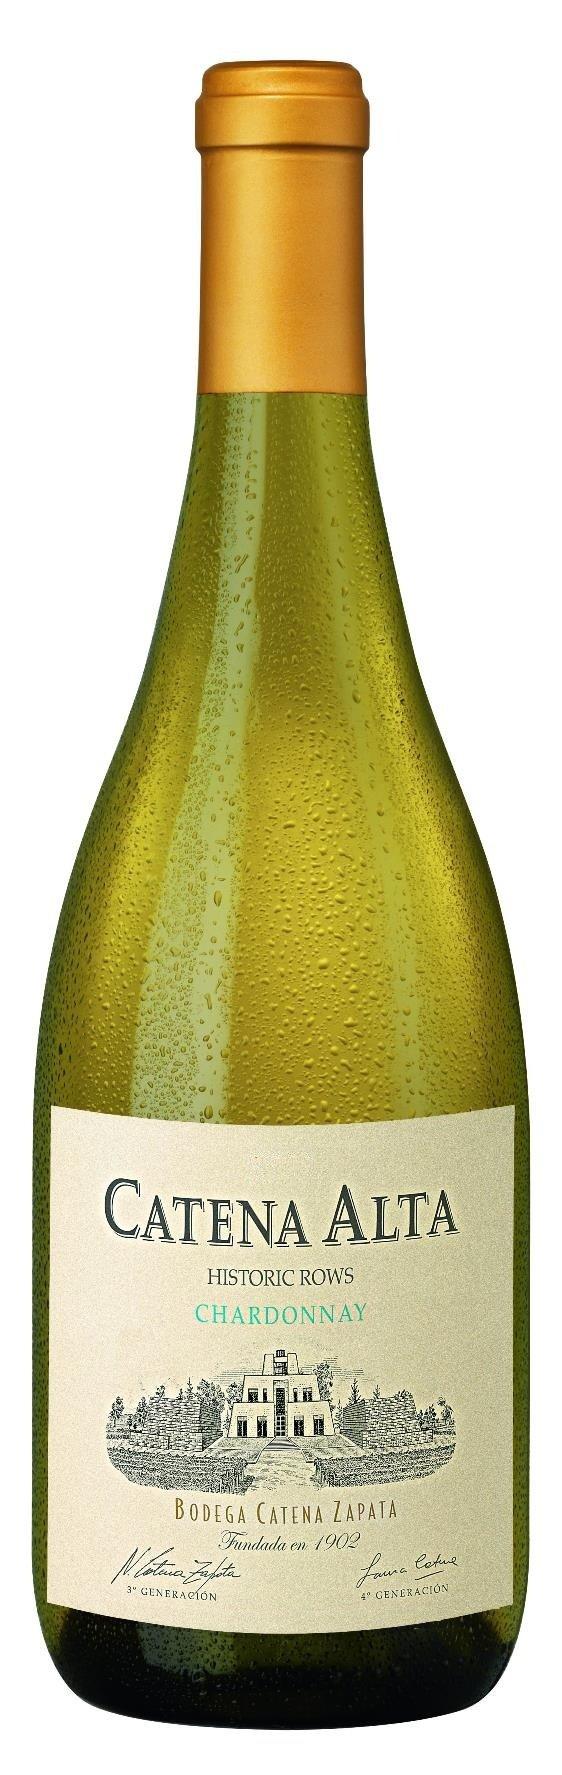 6x-075l-2015er-Catena-Zapata-Catena-Alta-Chardonnay-Mendoza-Argentinien-Weiwein-trocken